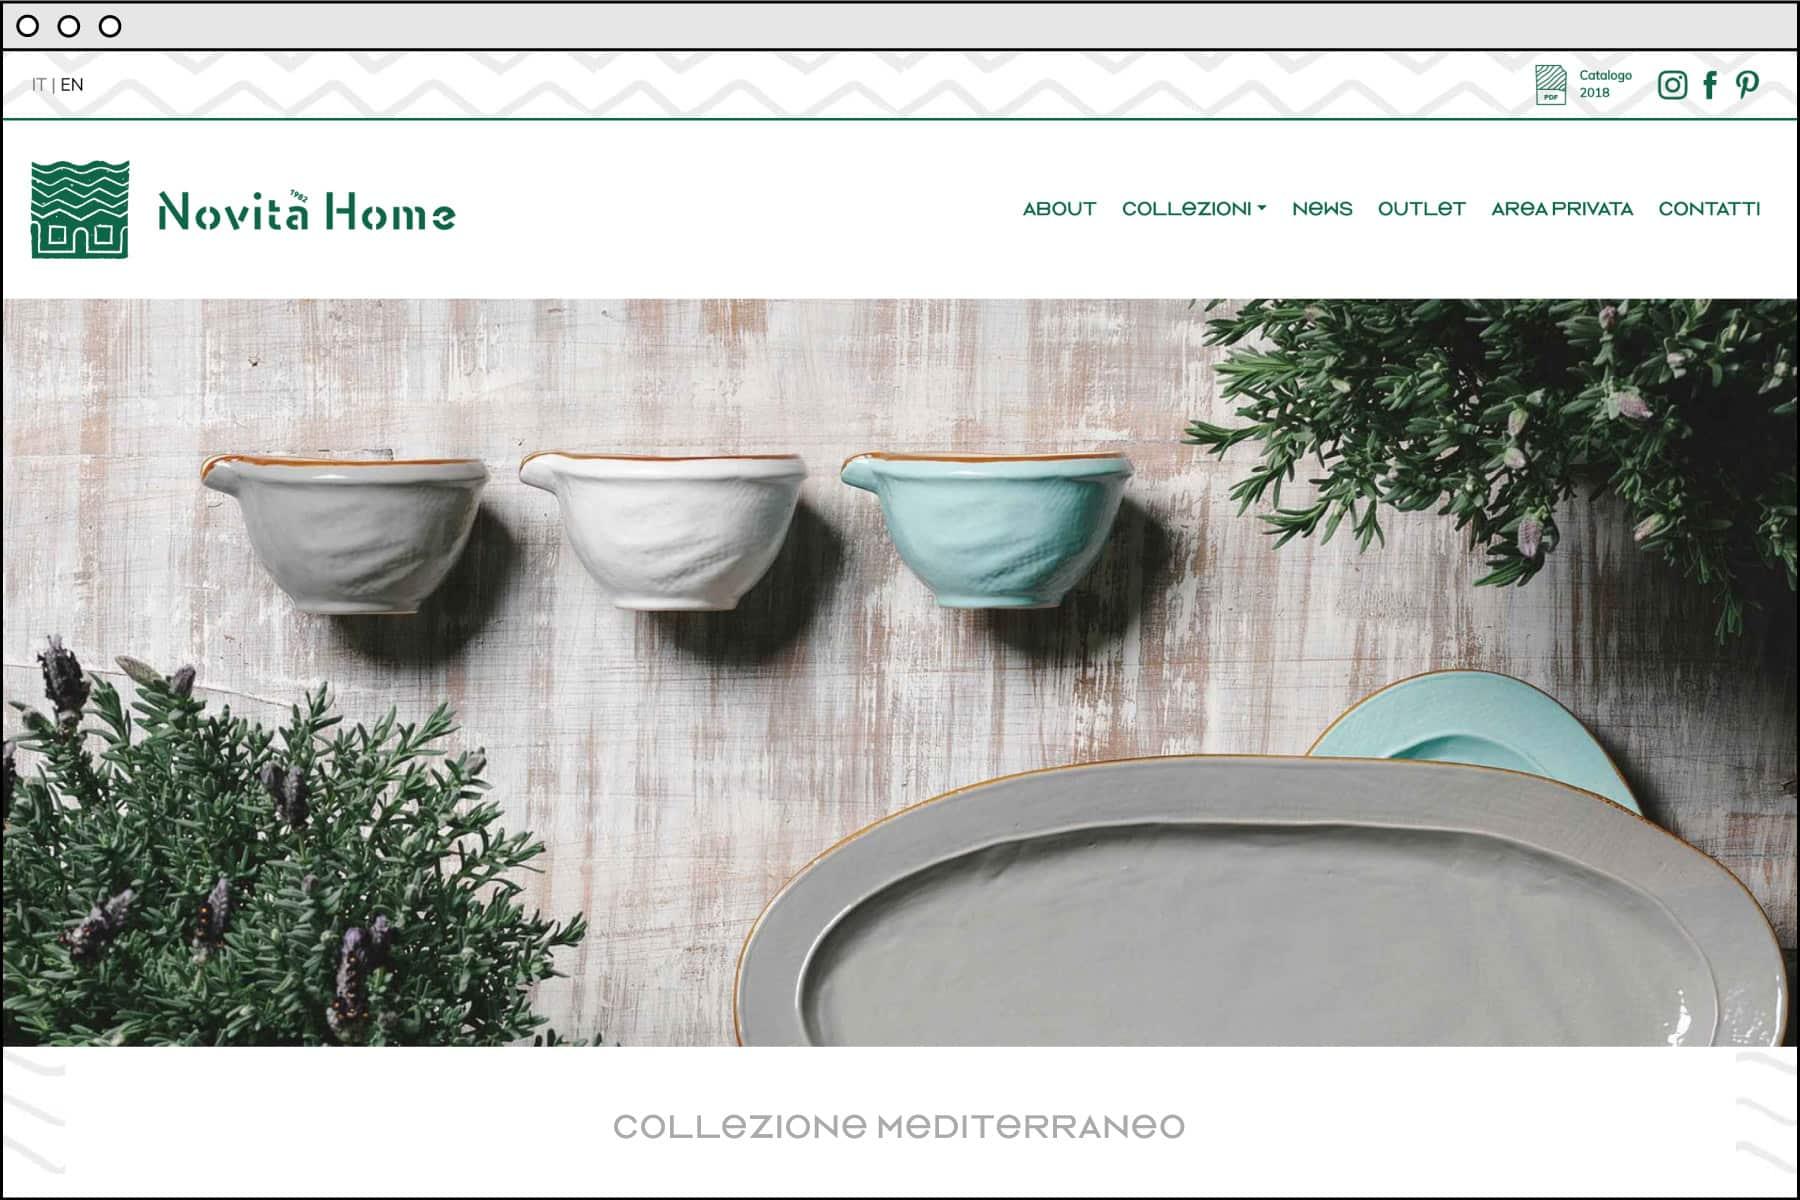 Novità Home sito web